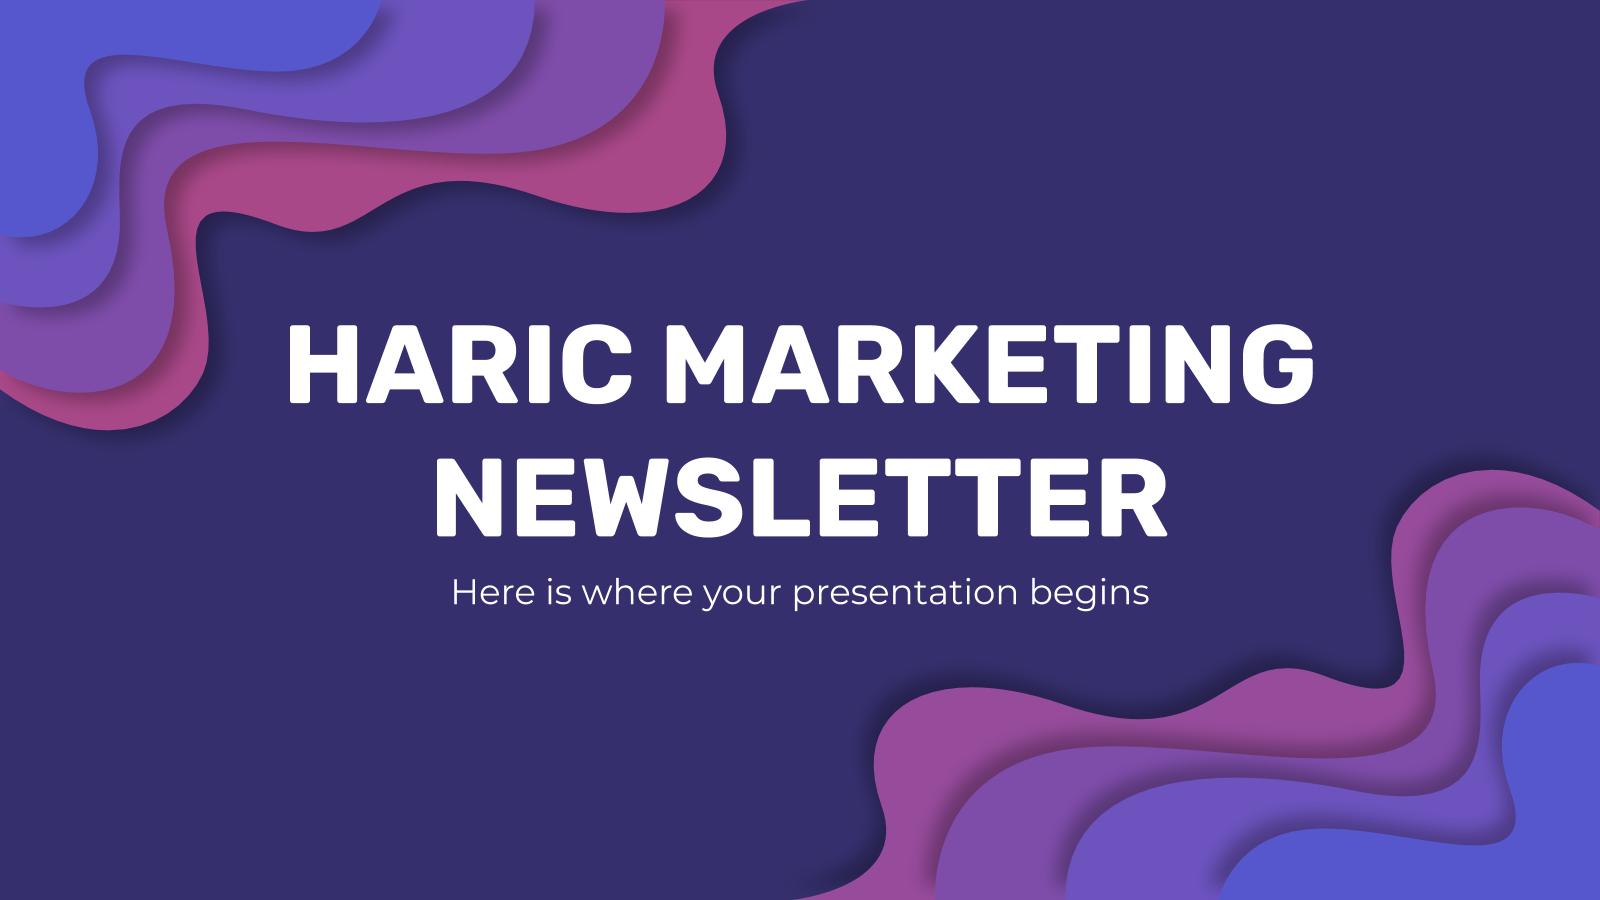 Modelo de apresentação Newsletter Haric